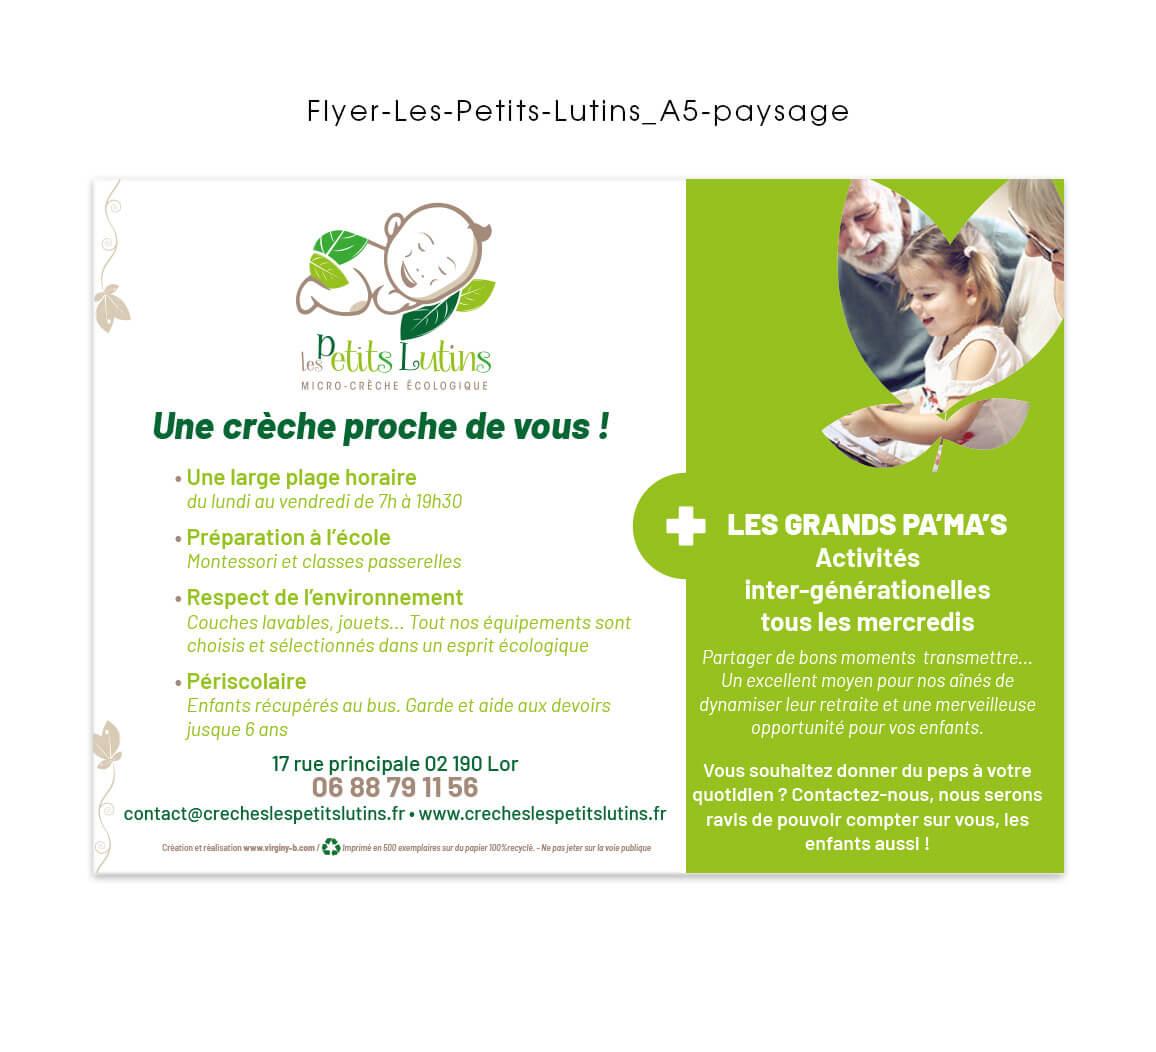 Flyer Les Petits Lutins